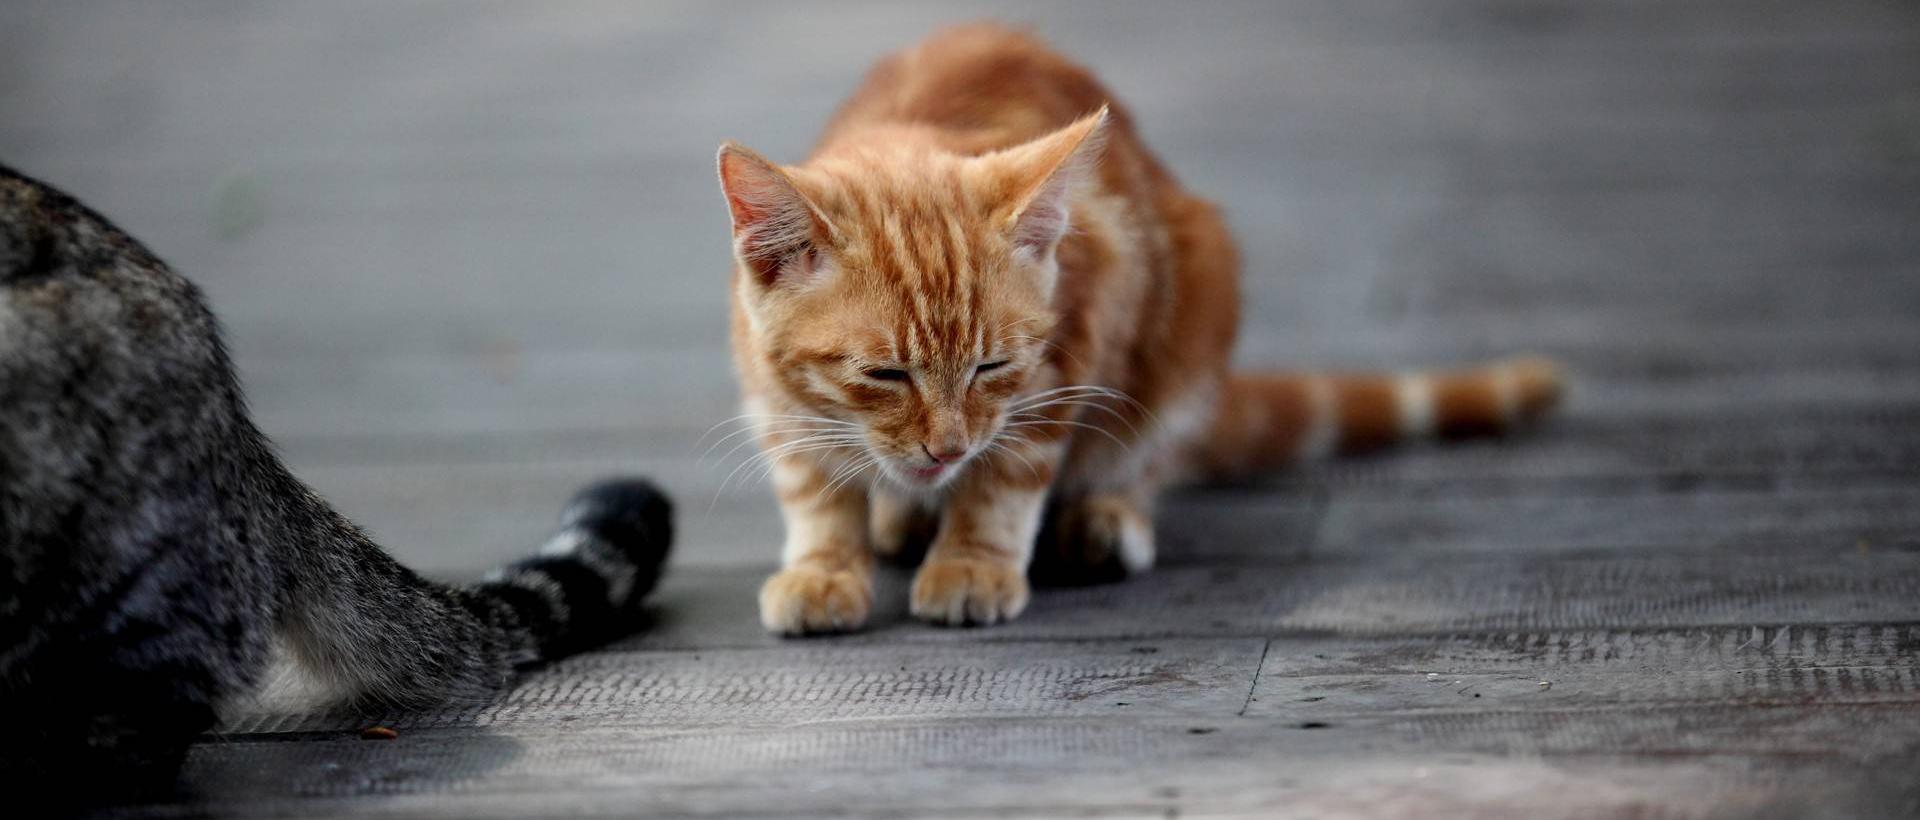 那些猫咪呀 ~ (米多饭香拍摄)